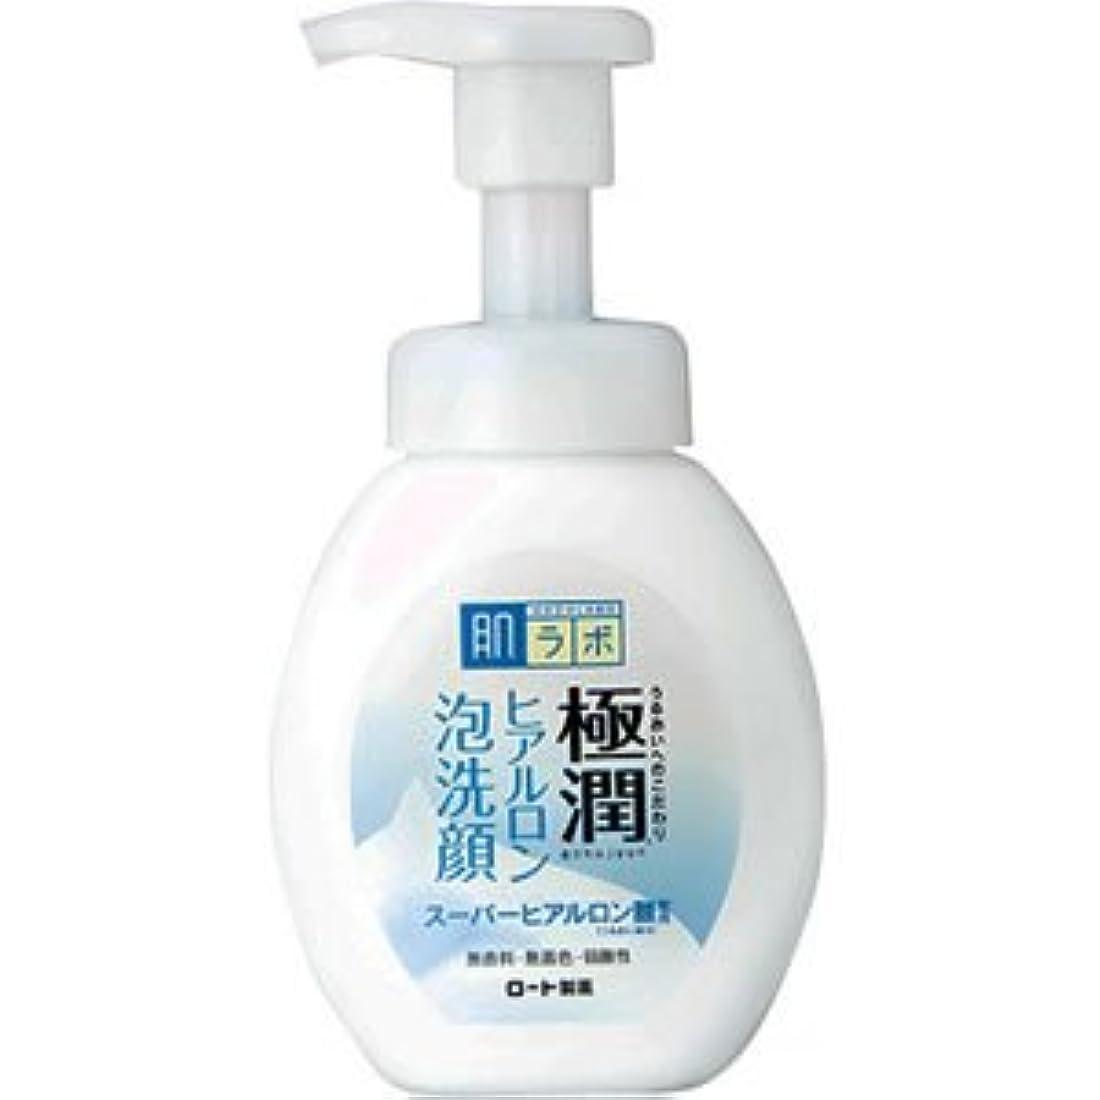 勧告ハドル思い出させる(ロート製薬)肌研 極潤ヒアルロン泡洗顔 160ml(お買い得3本セット)